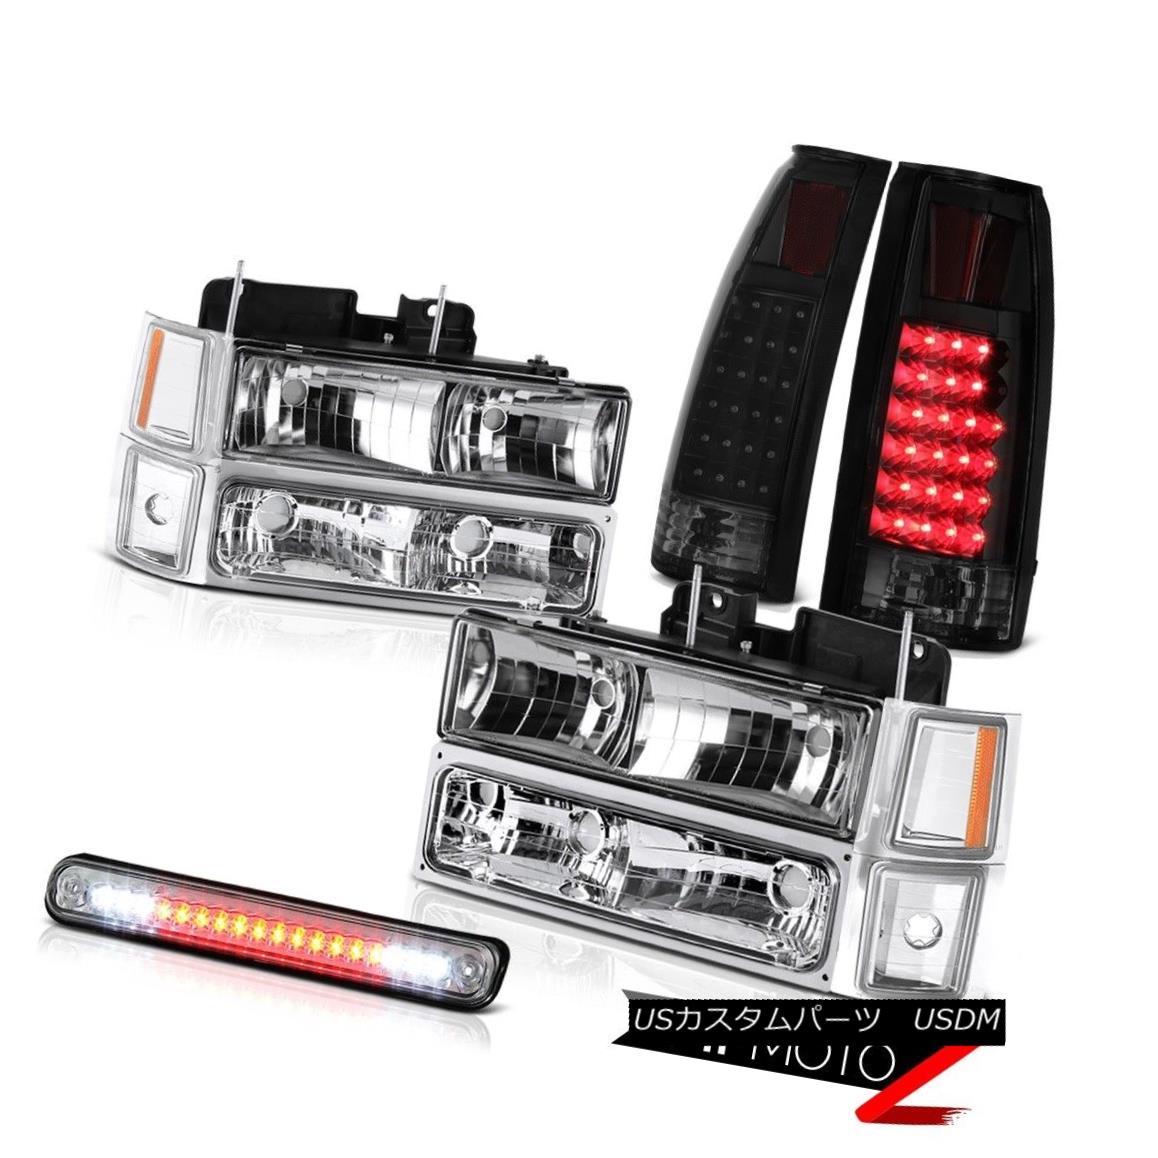 ヘッドライト 94-98 Chevy C2500 3RD Brake Lamp Rear Lamps Parking Turn Signal Lights Headlamps 94-98 Chevy C2500 3RDブレーキランプリアランプパーキングターンシグナルライトヘッドランプ